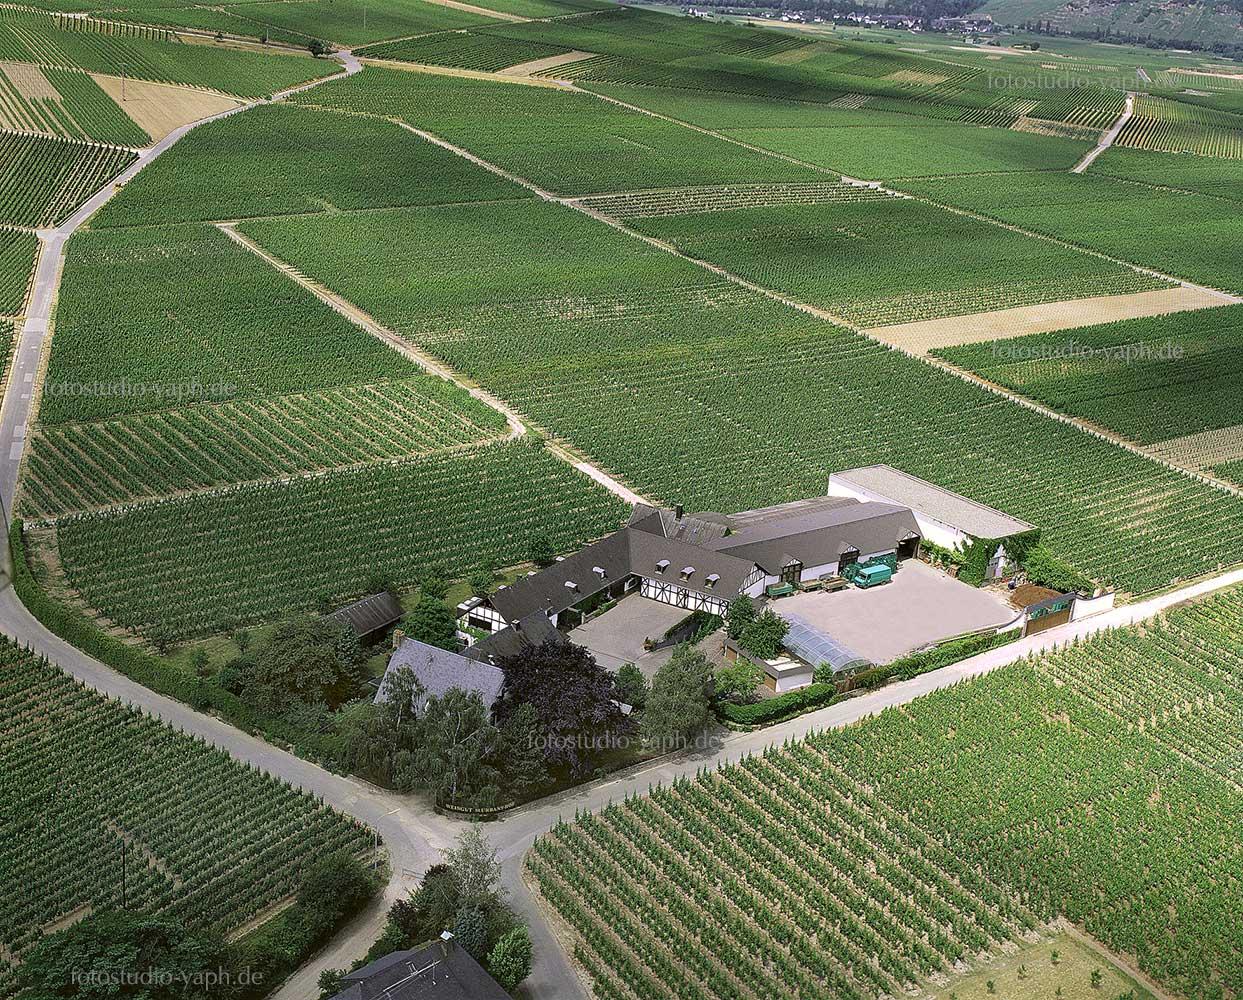 Fotograf für Architektur, Immobilien und Landschaft in Trier - Yaph- bietet Drohnenfotografie aus der Luft für Aufnahmen von Weinberg, Landschaften und Gewerbeimmobilien an.